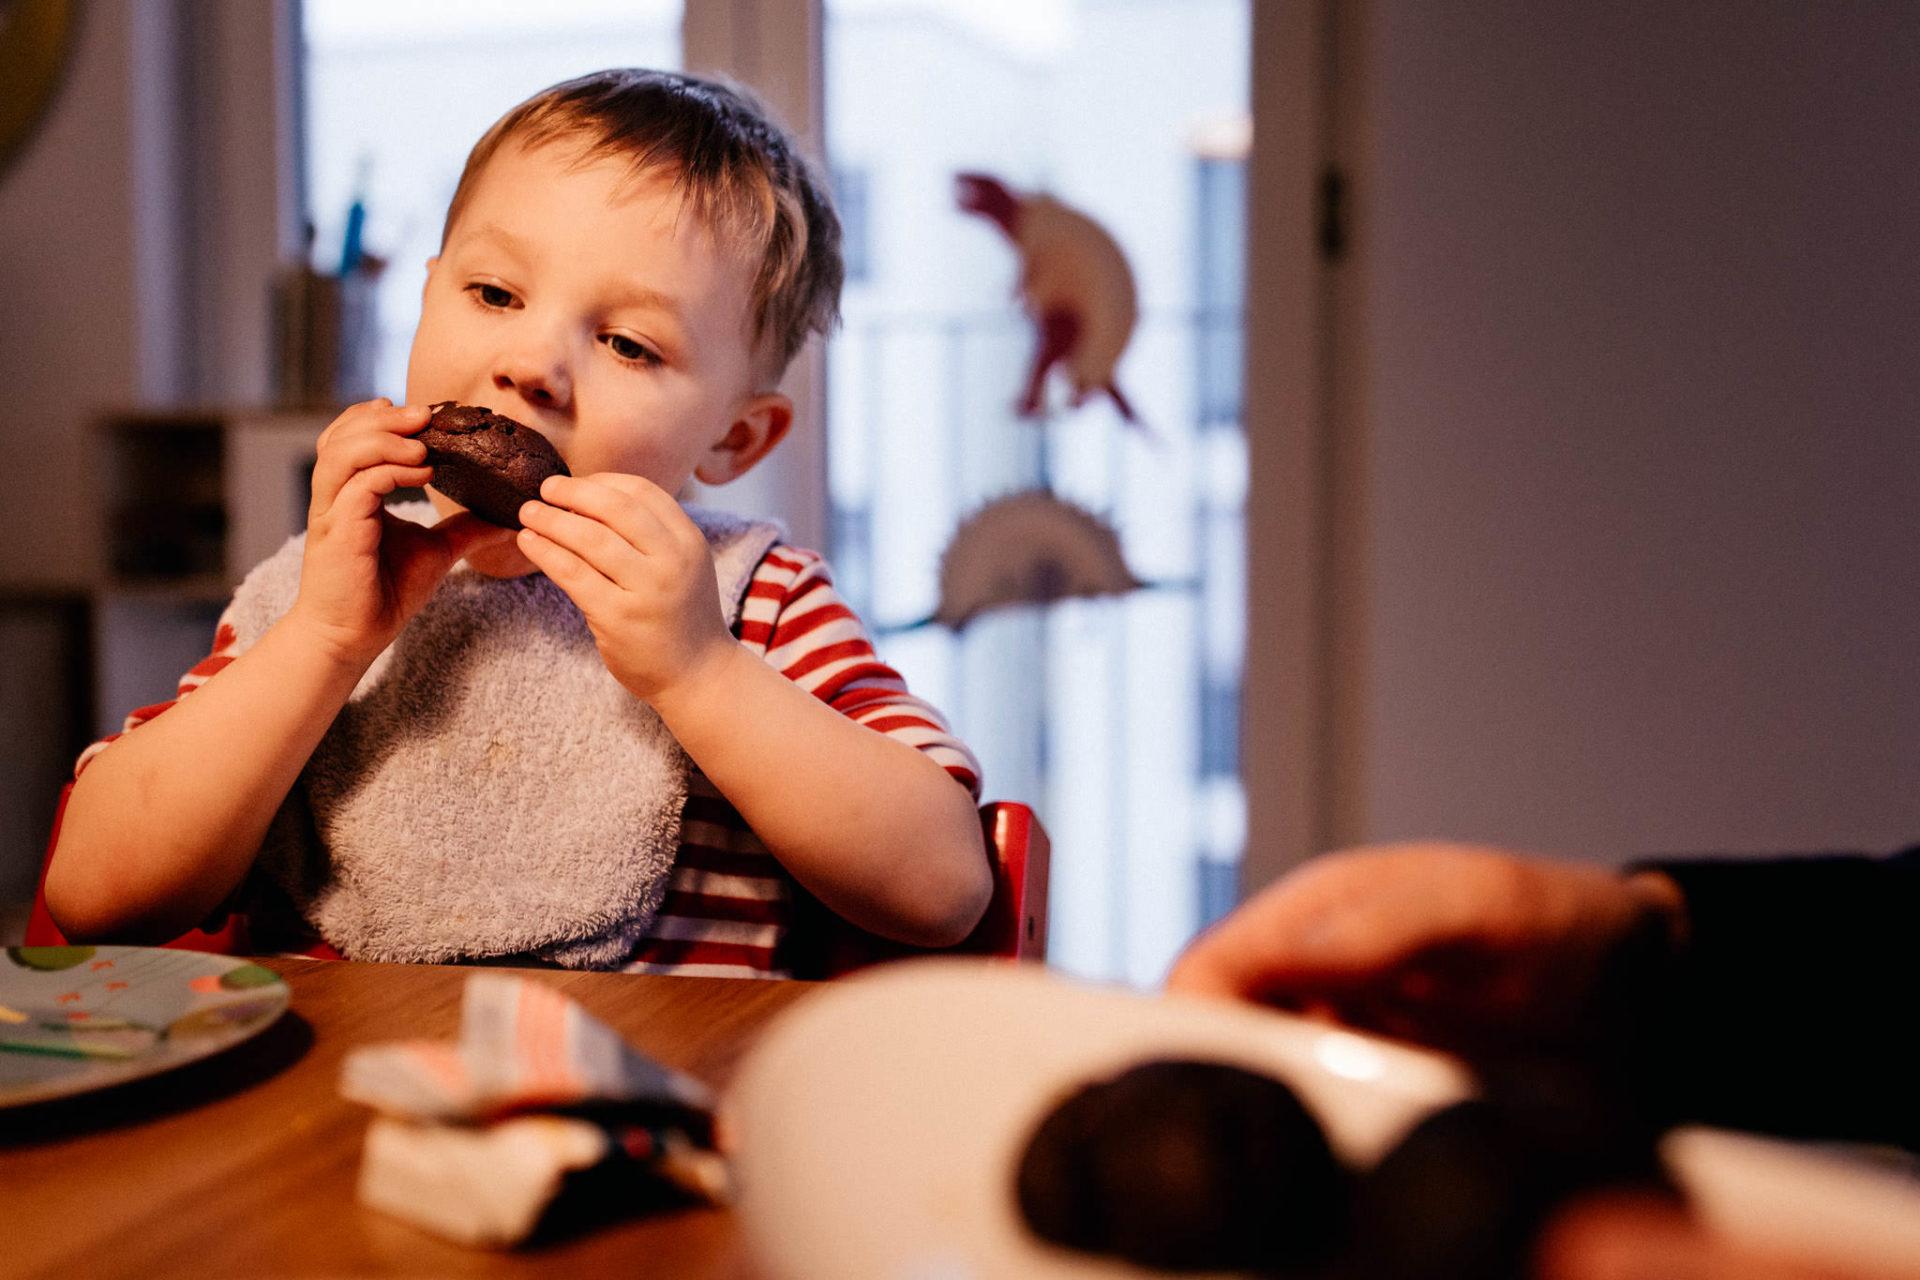 familienfotografie-mainz-journalistische-kinderbilder-dreijaehriger-isst-cookie